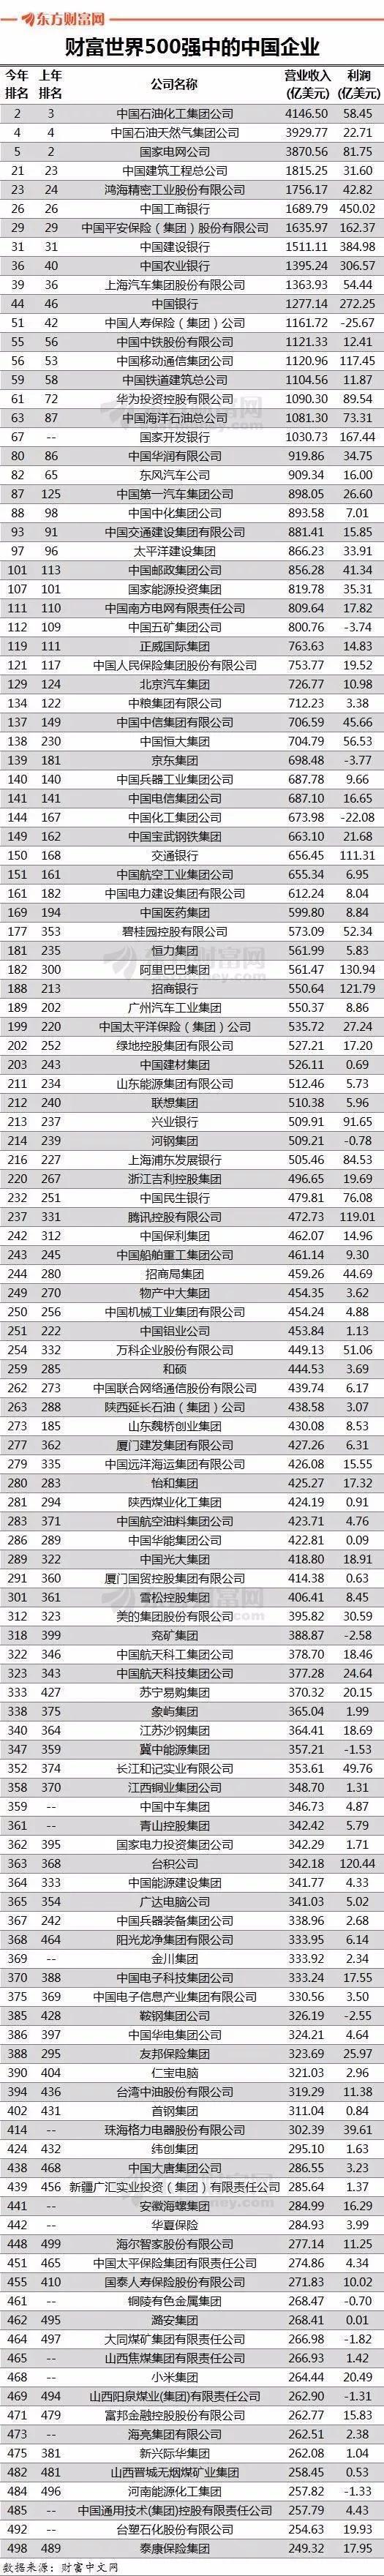 科技兴国!世界500强企业,中国首次超越美国